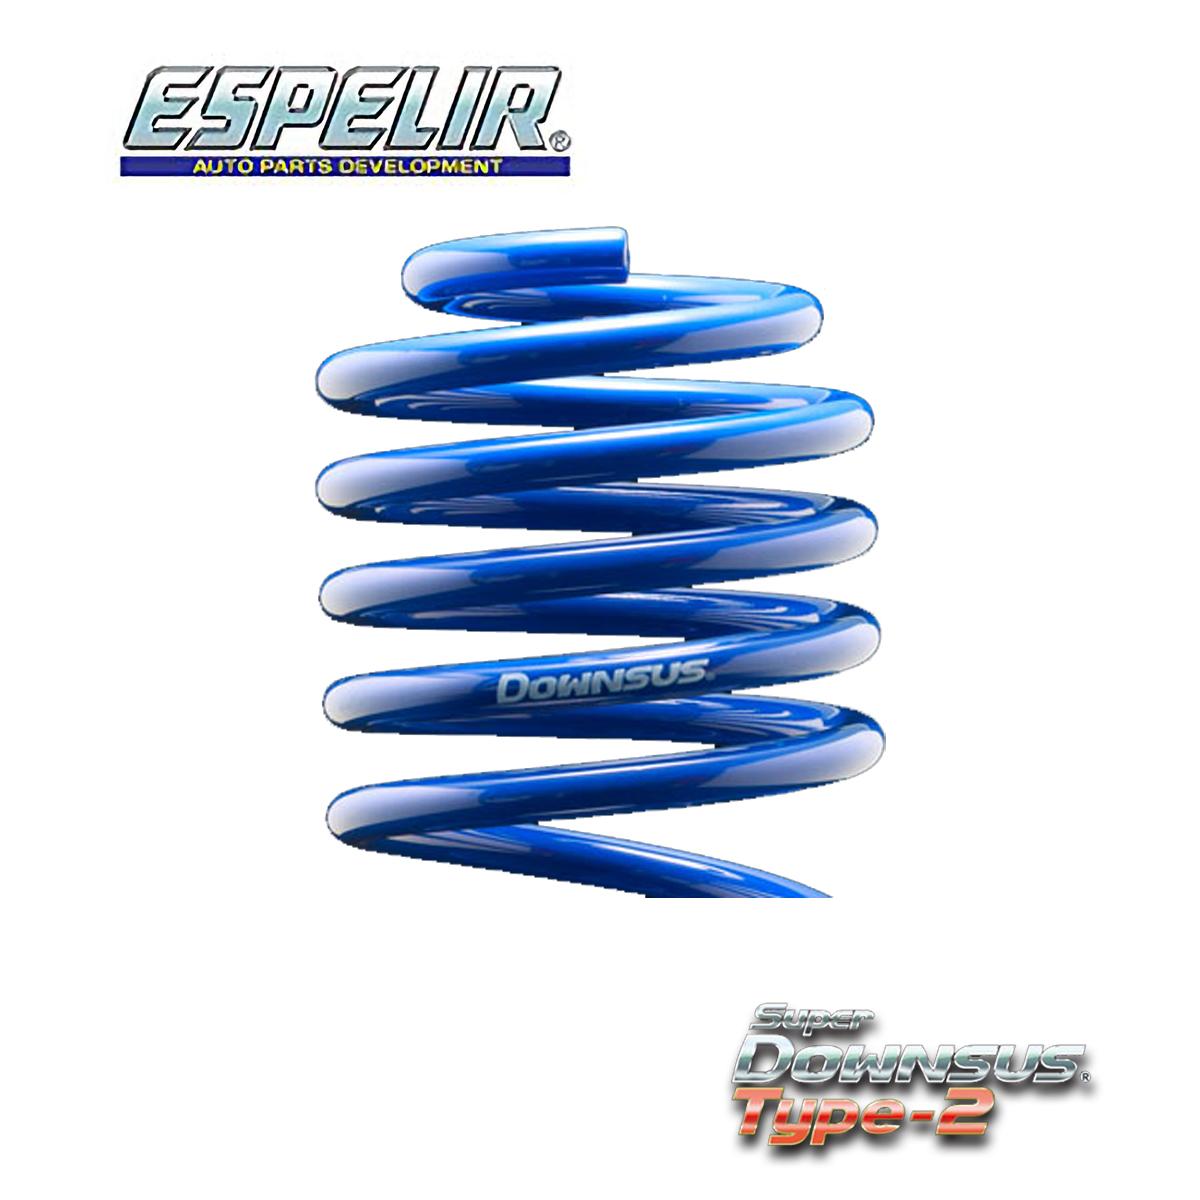 エスペリア ラフェスタ CWFFWN ハイウェイスターG/ハイウェイスター スプリング ダウンサス セット 1台分 ESN-2632 スーパーダウンサス タイプ2 Super DOWNSUS Type2 ESPELIR